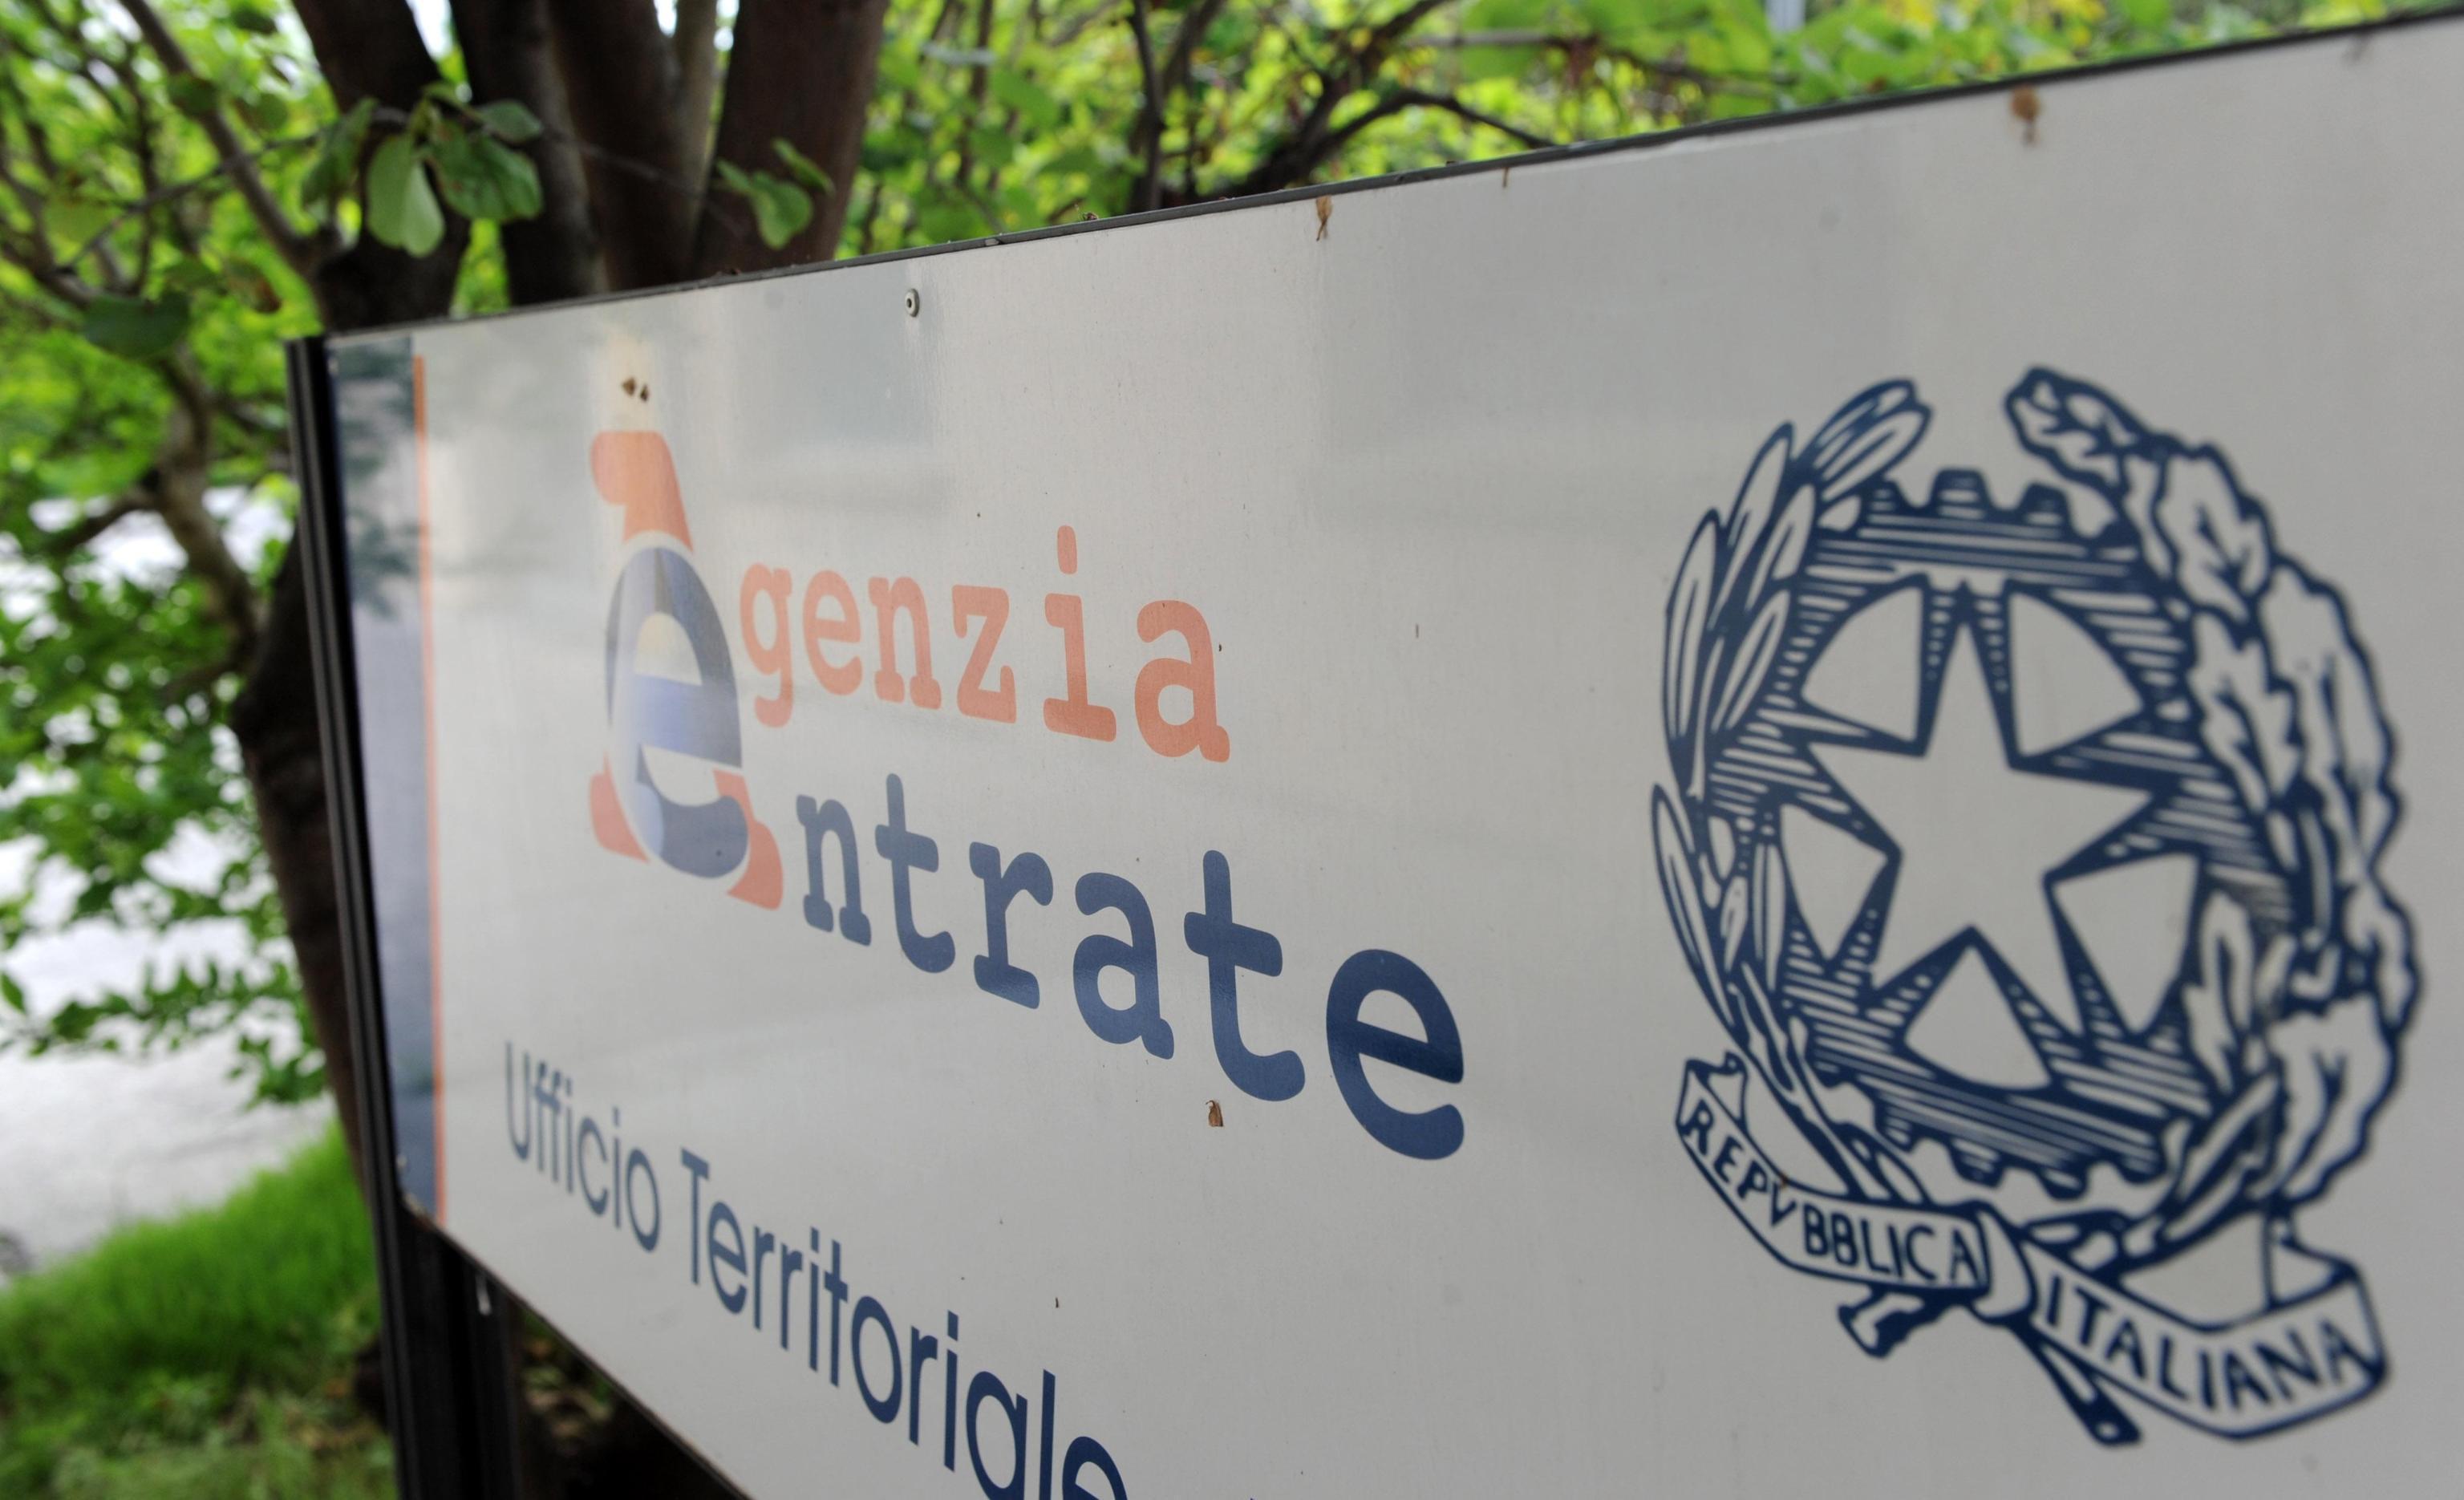 Reddito medio italiani è di 20mila euro: ecco chi dovrà restituire il bonus 80 euro